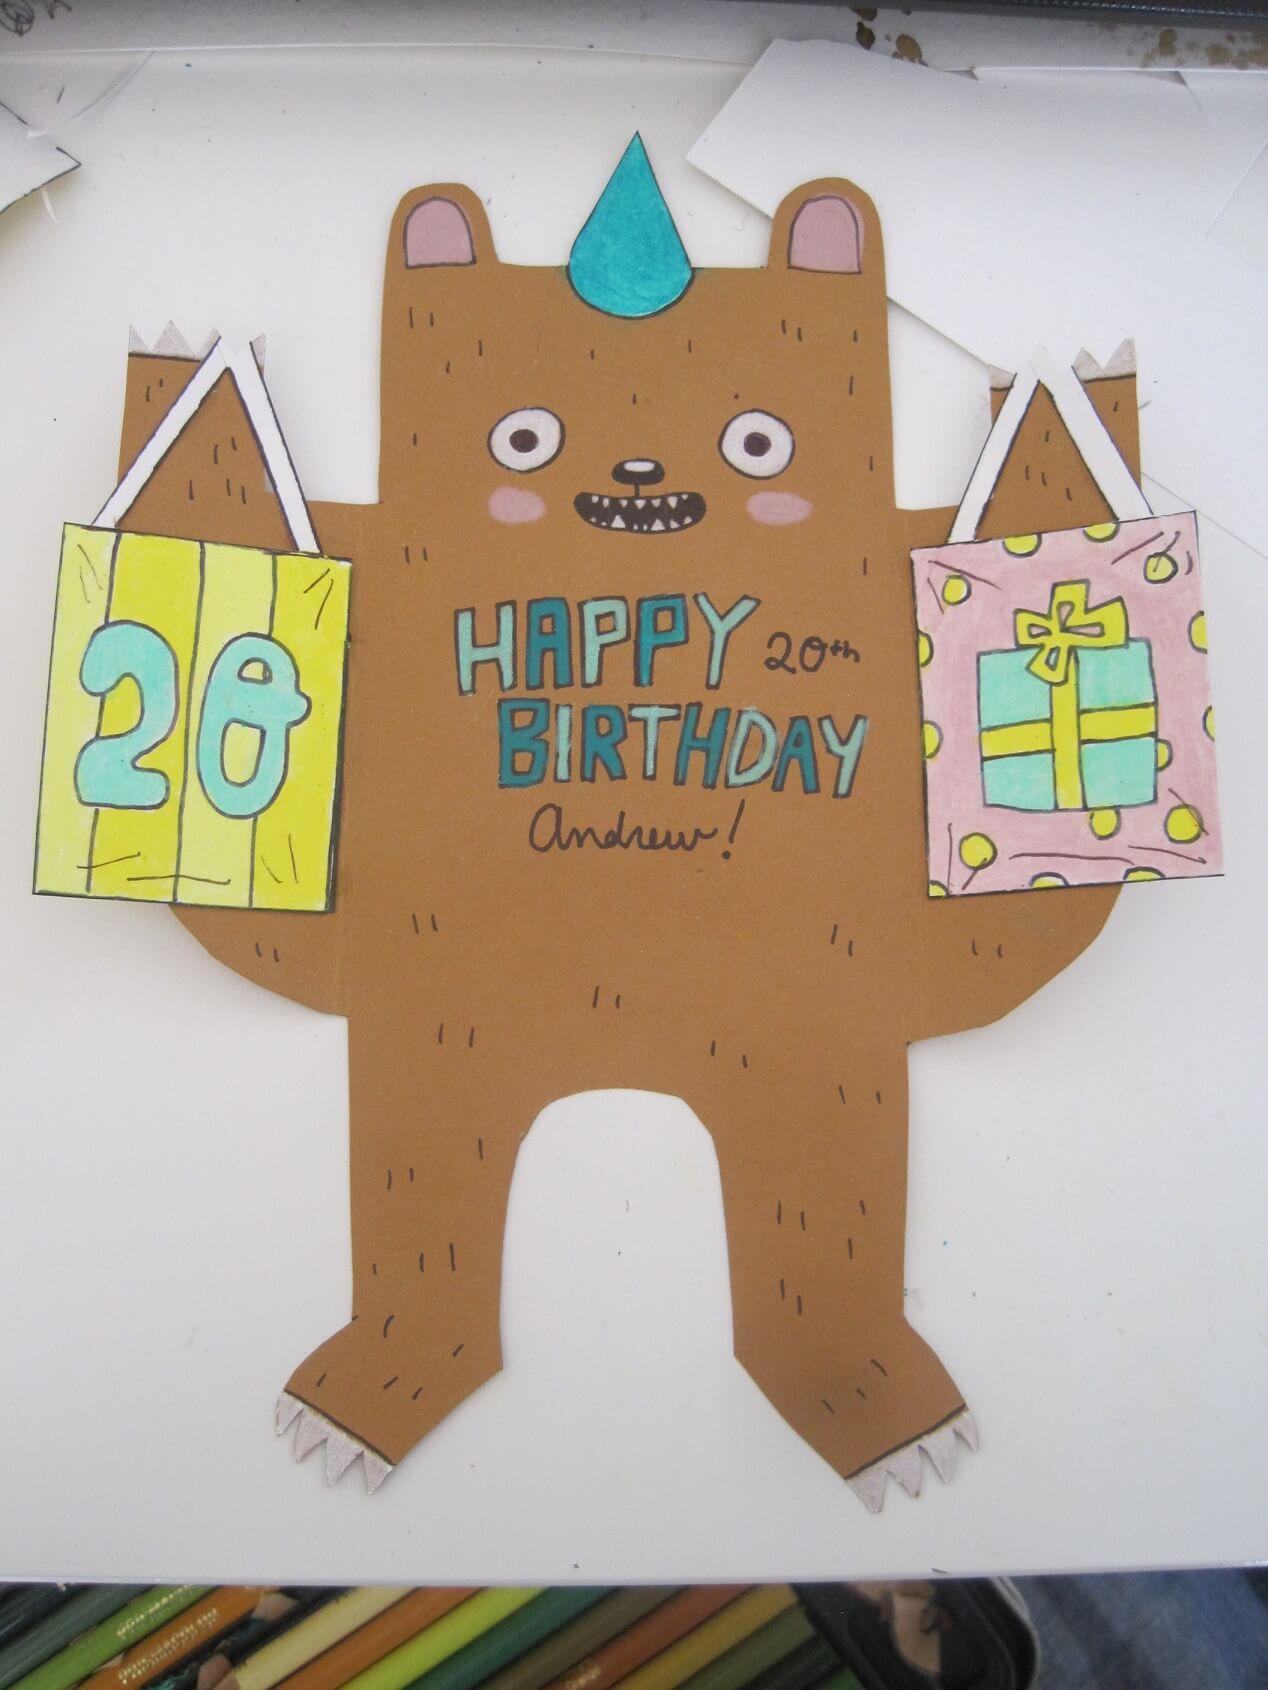 20 Awesome Homemade Birthday Card Ideas | Crafty Club ...